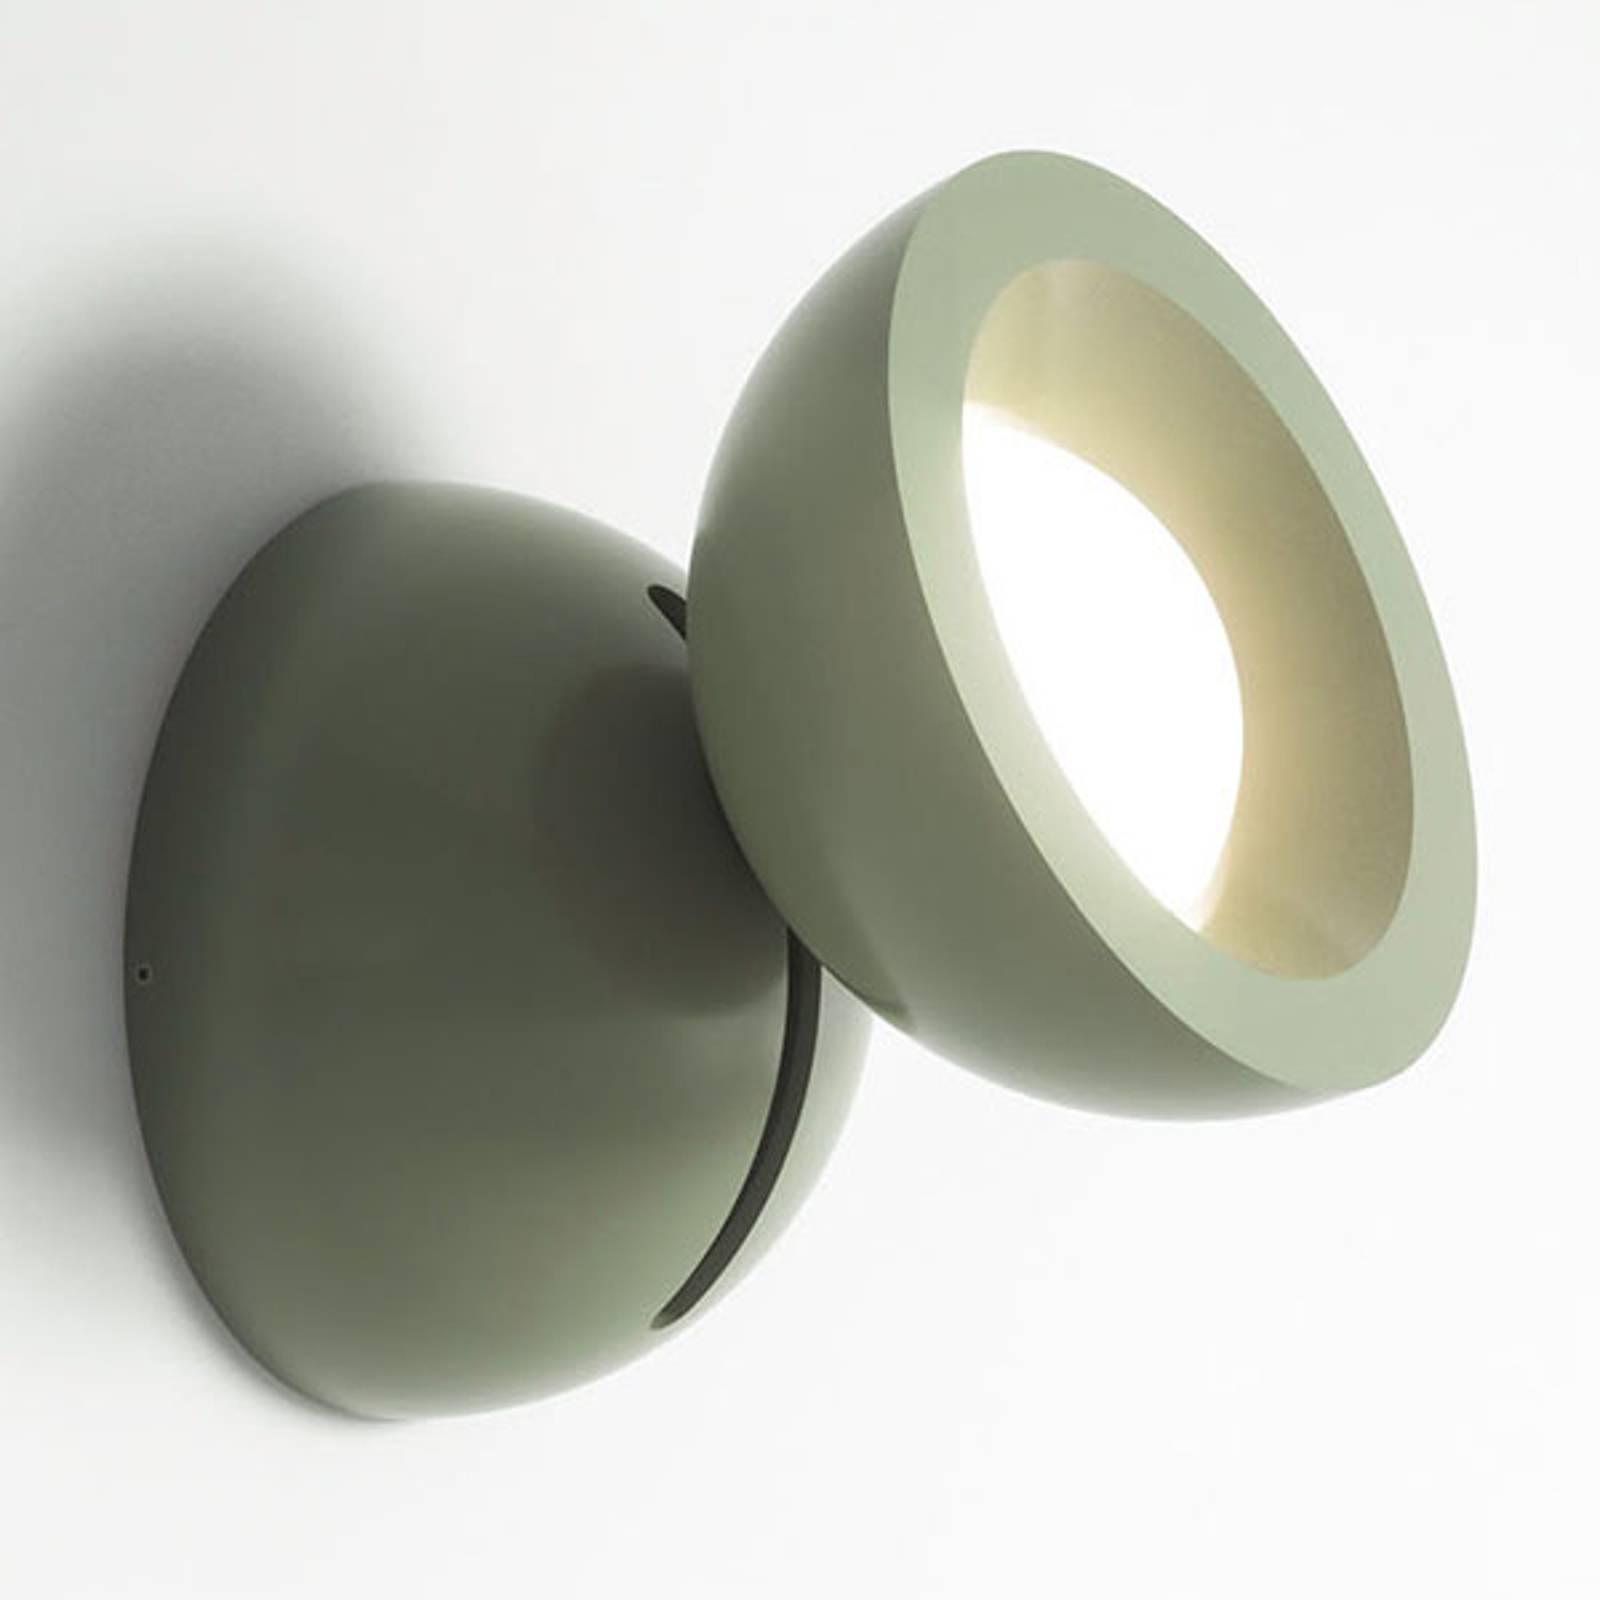 Axolight DoDot LED-Wandleuchte, grün 46°